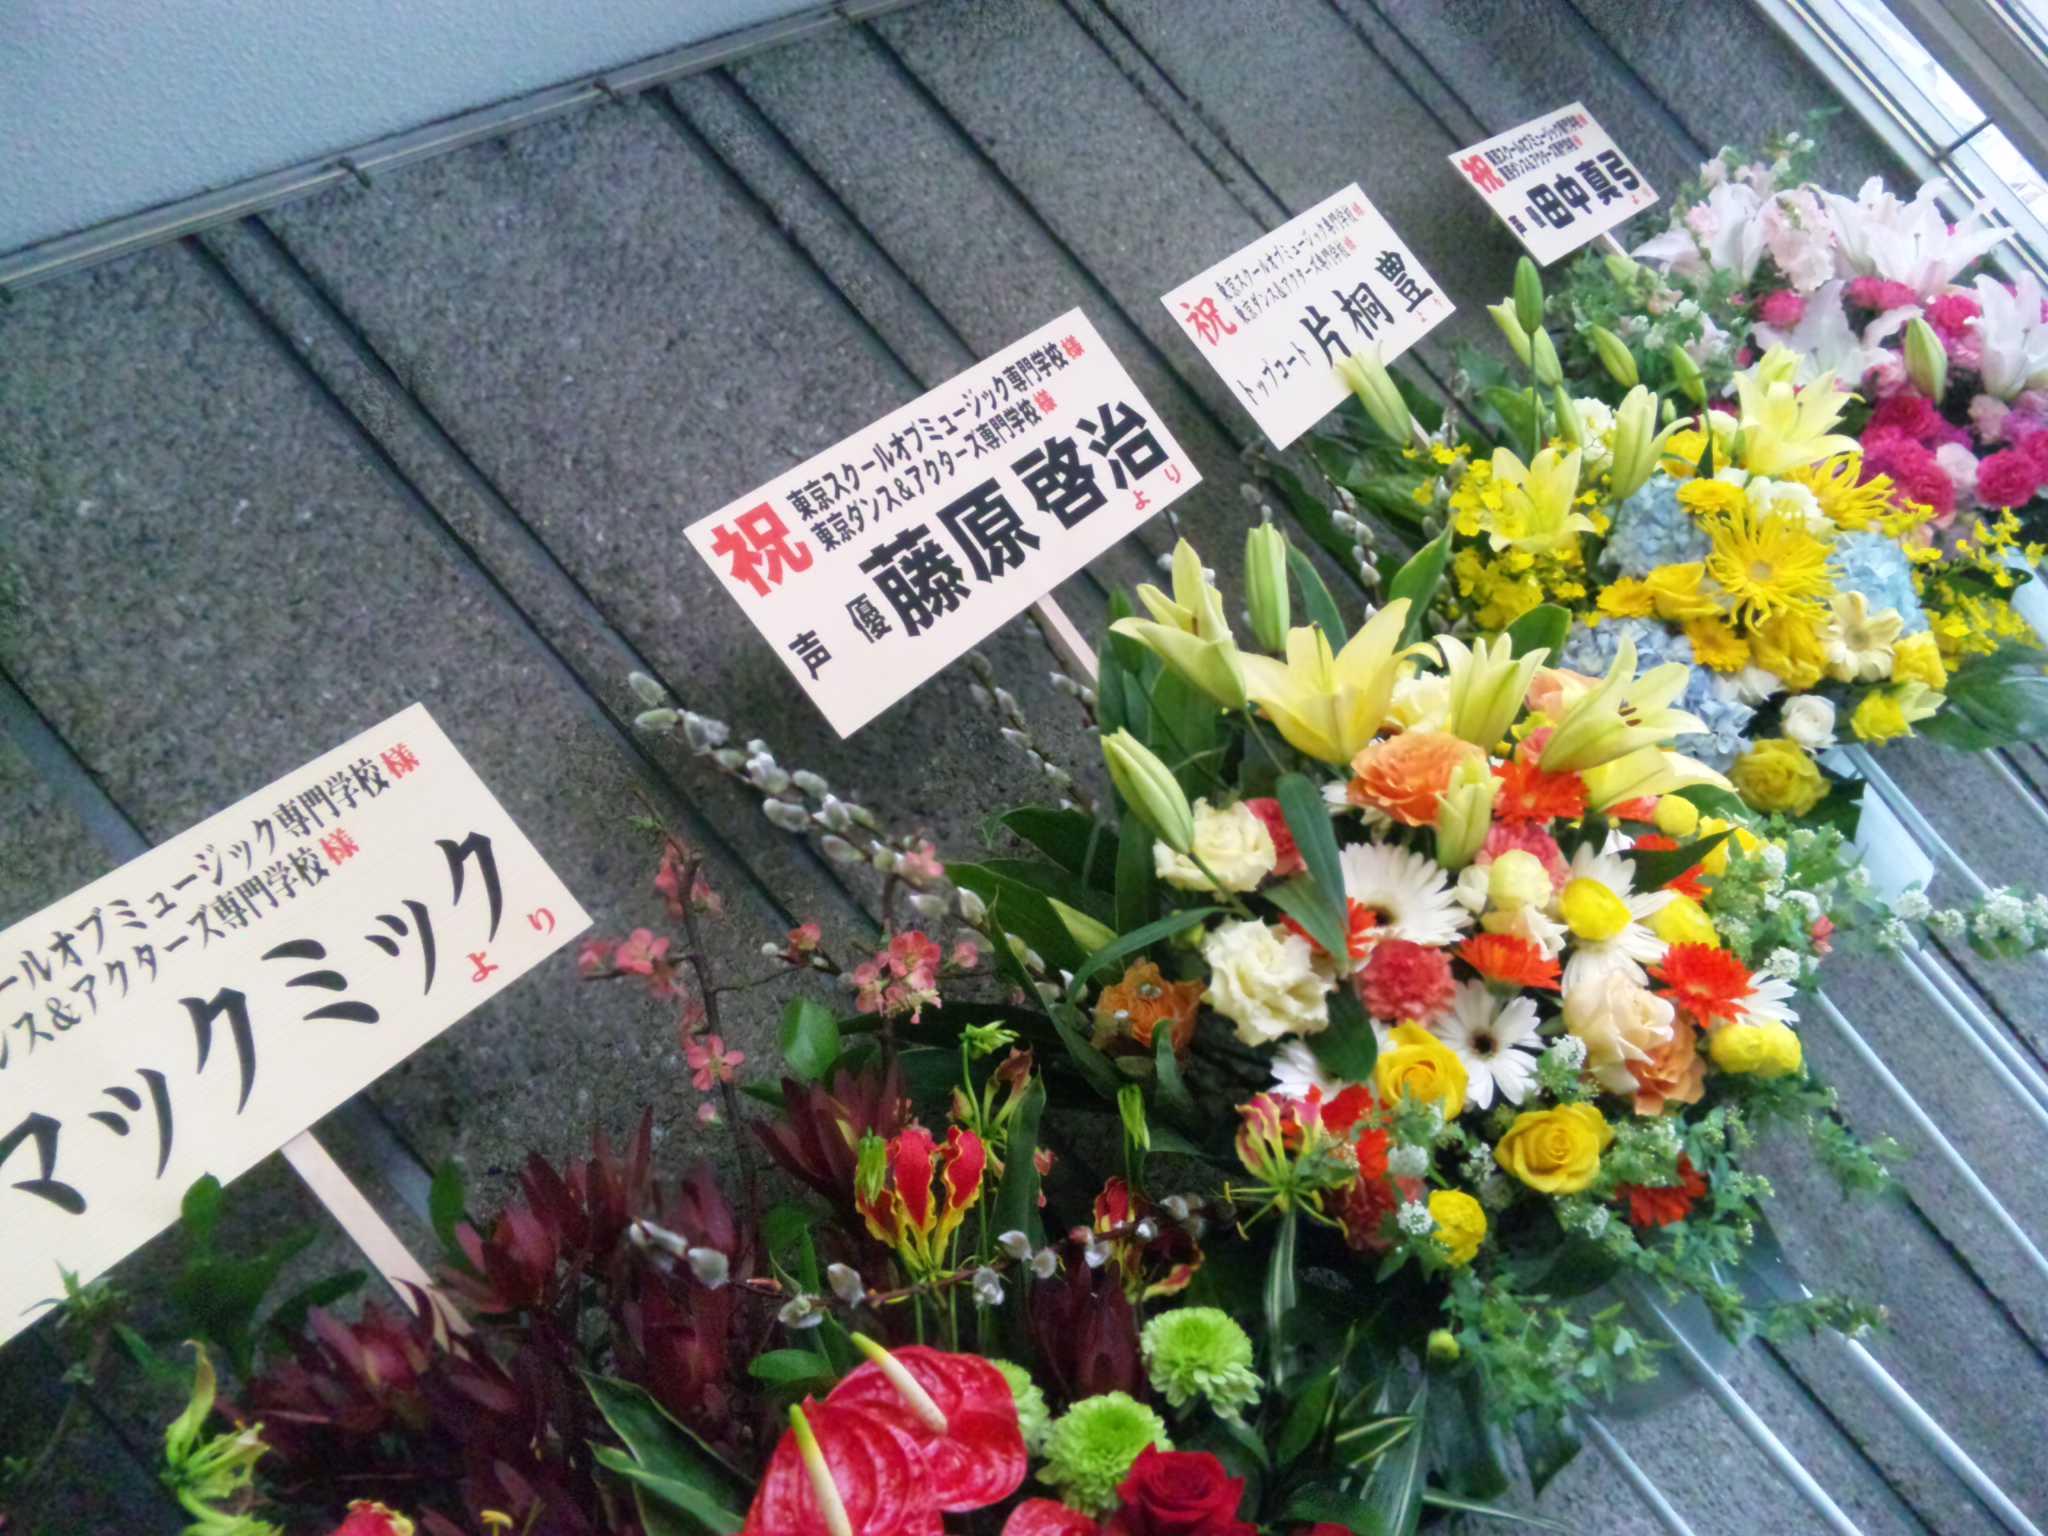 【We are DA TOKYO!】DA TOKYO アクターズ卒業公演本番っ!!